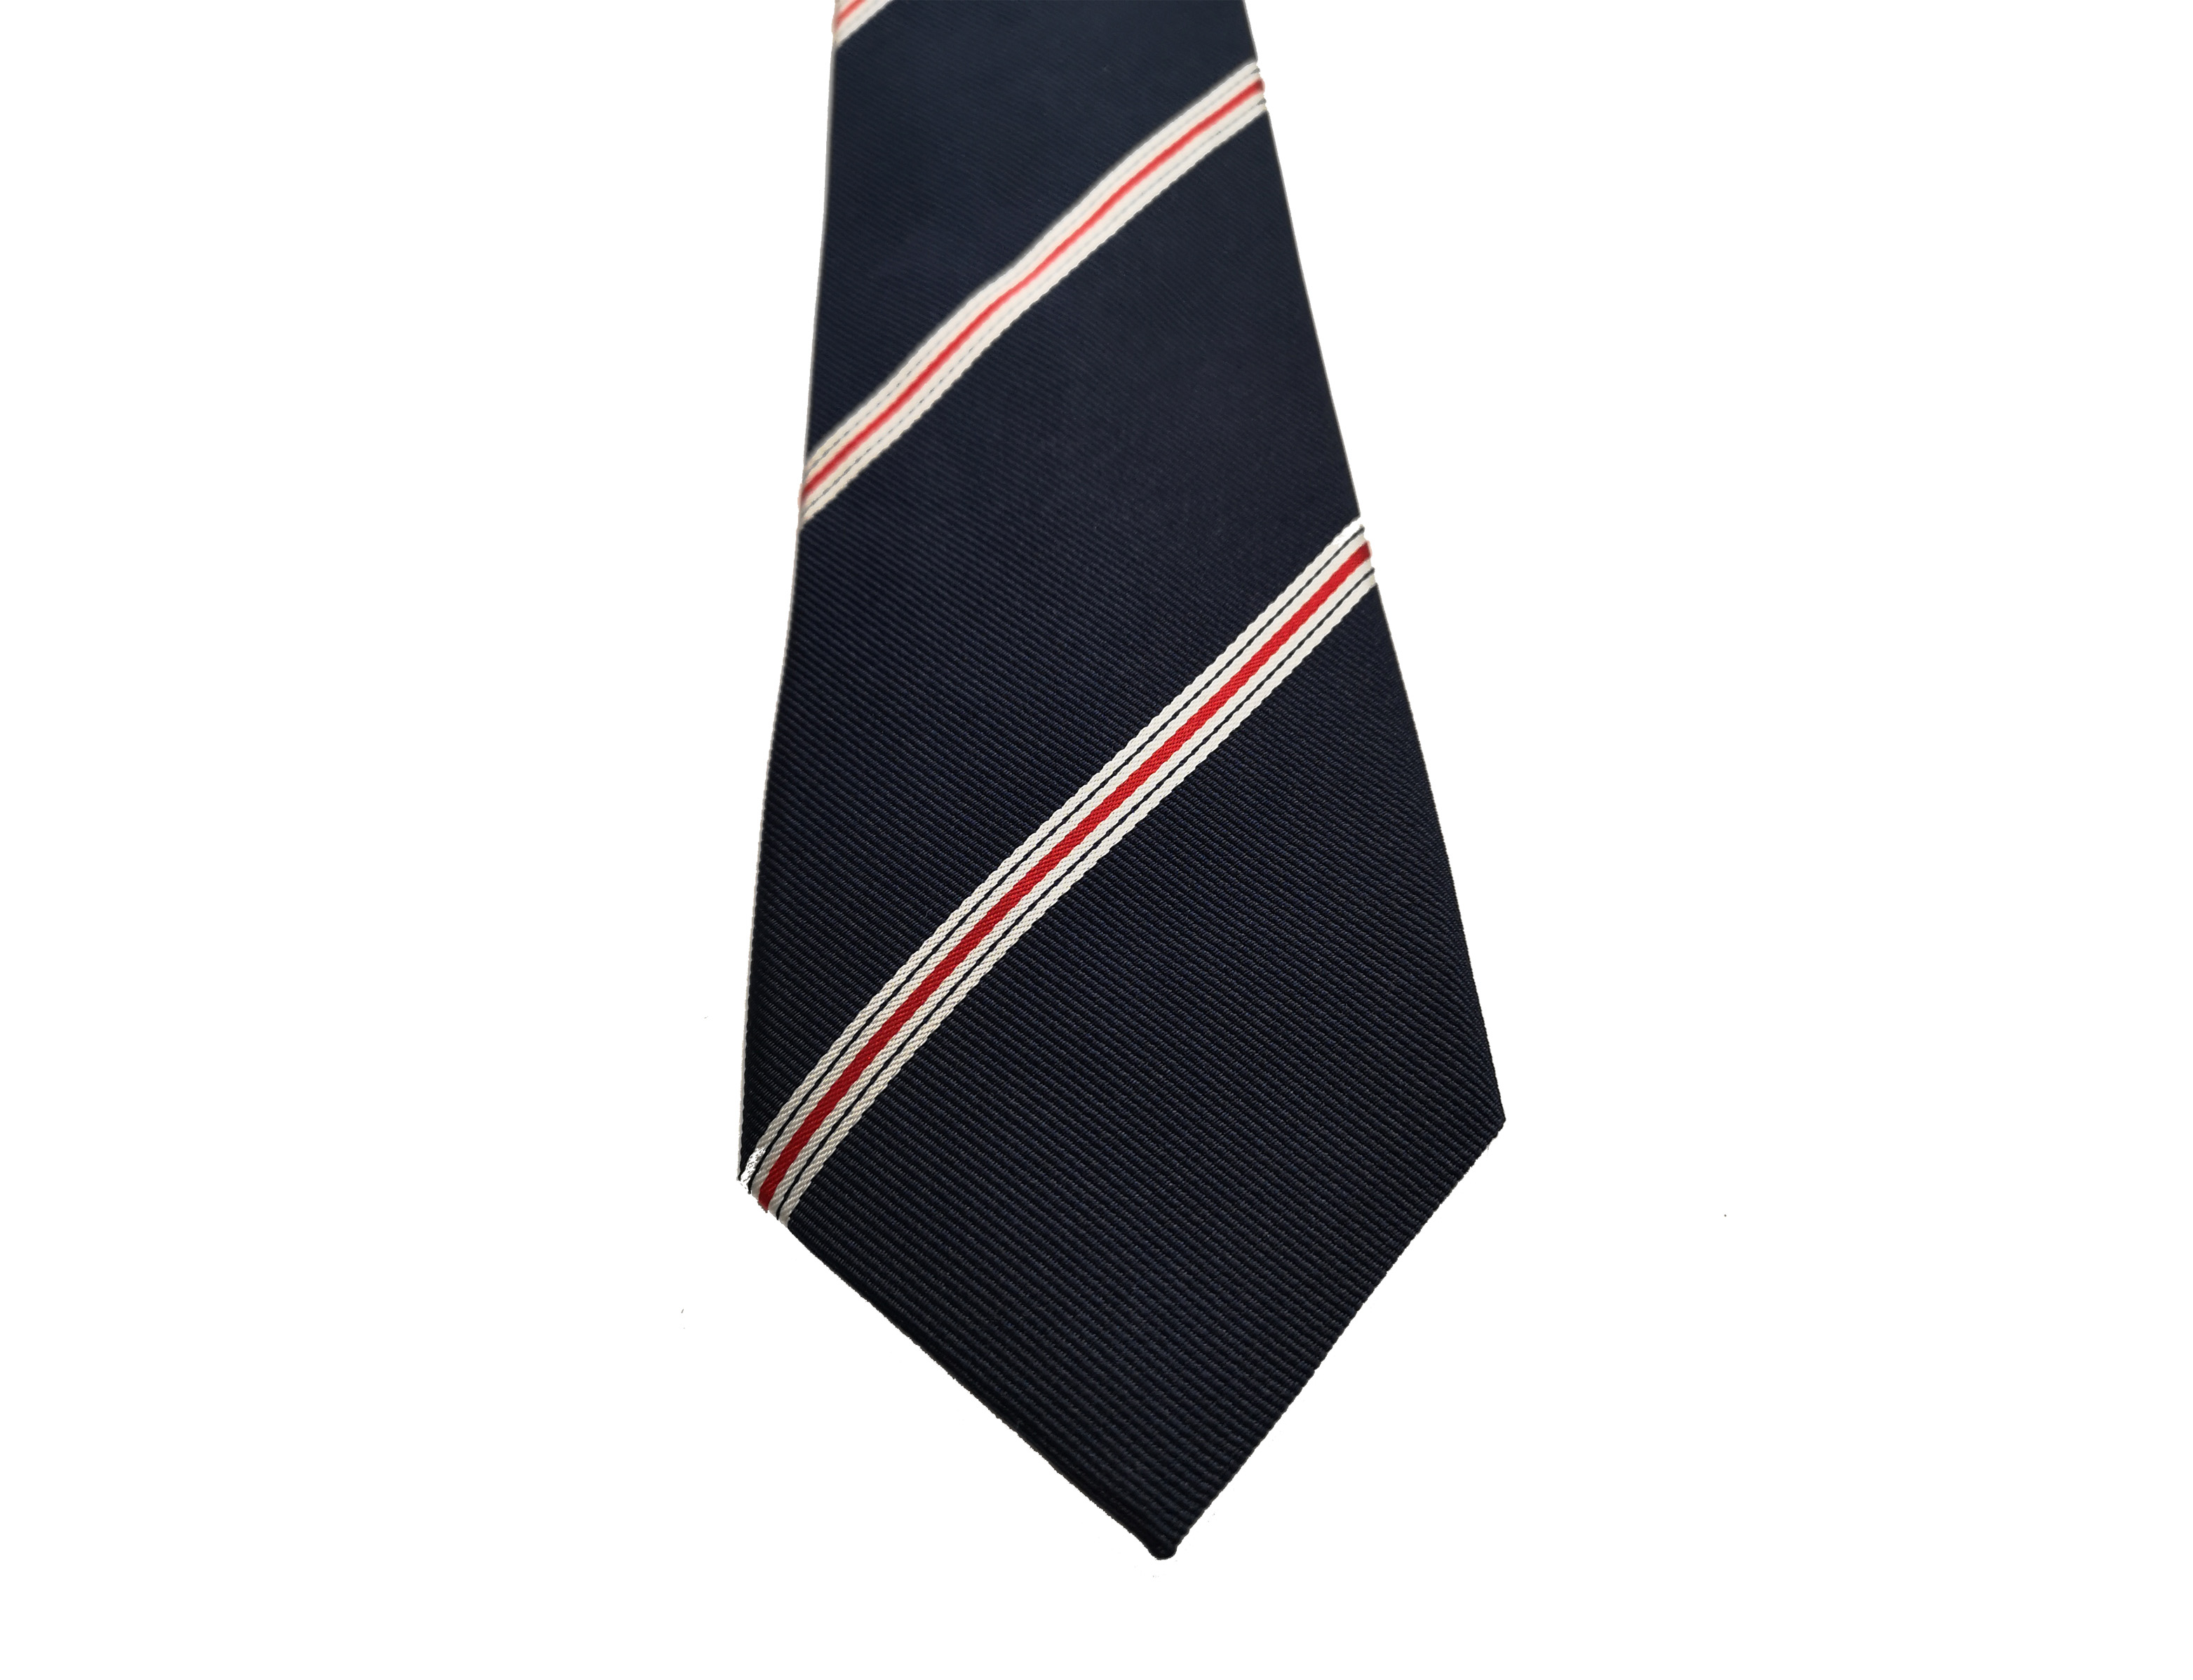 Krawatte blau | (c) Mike Gahn